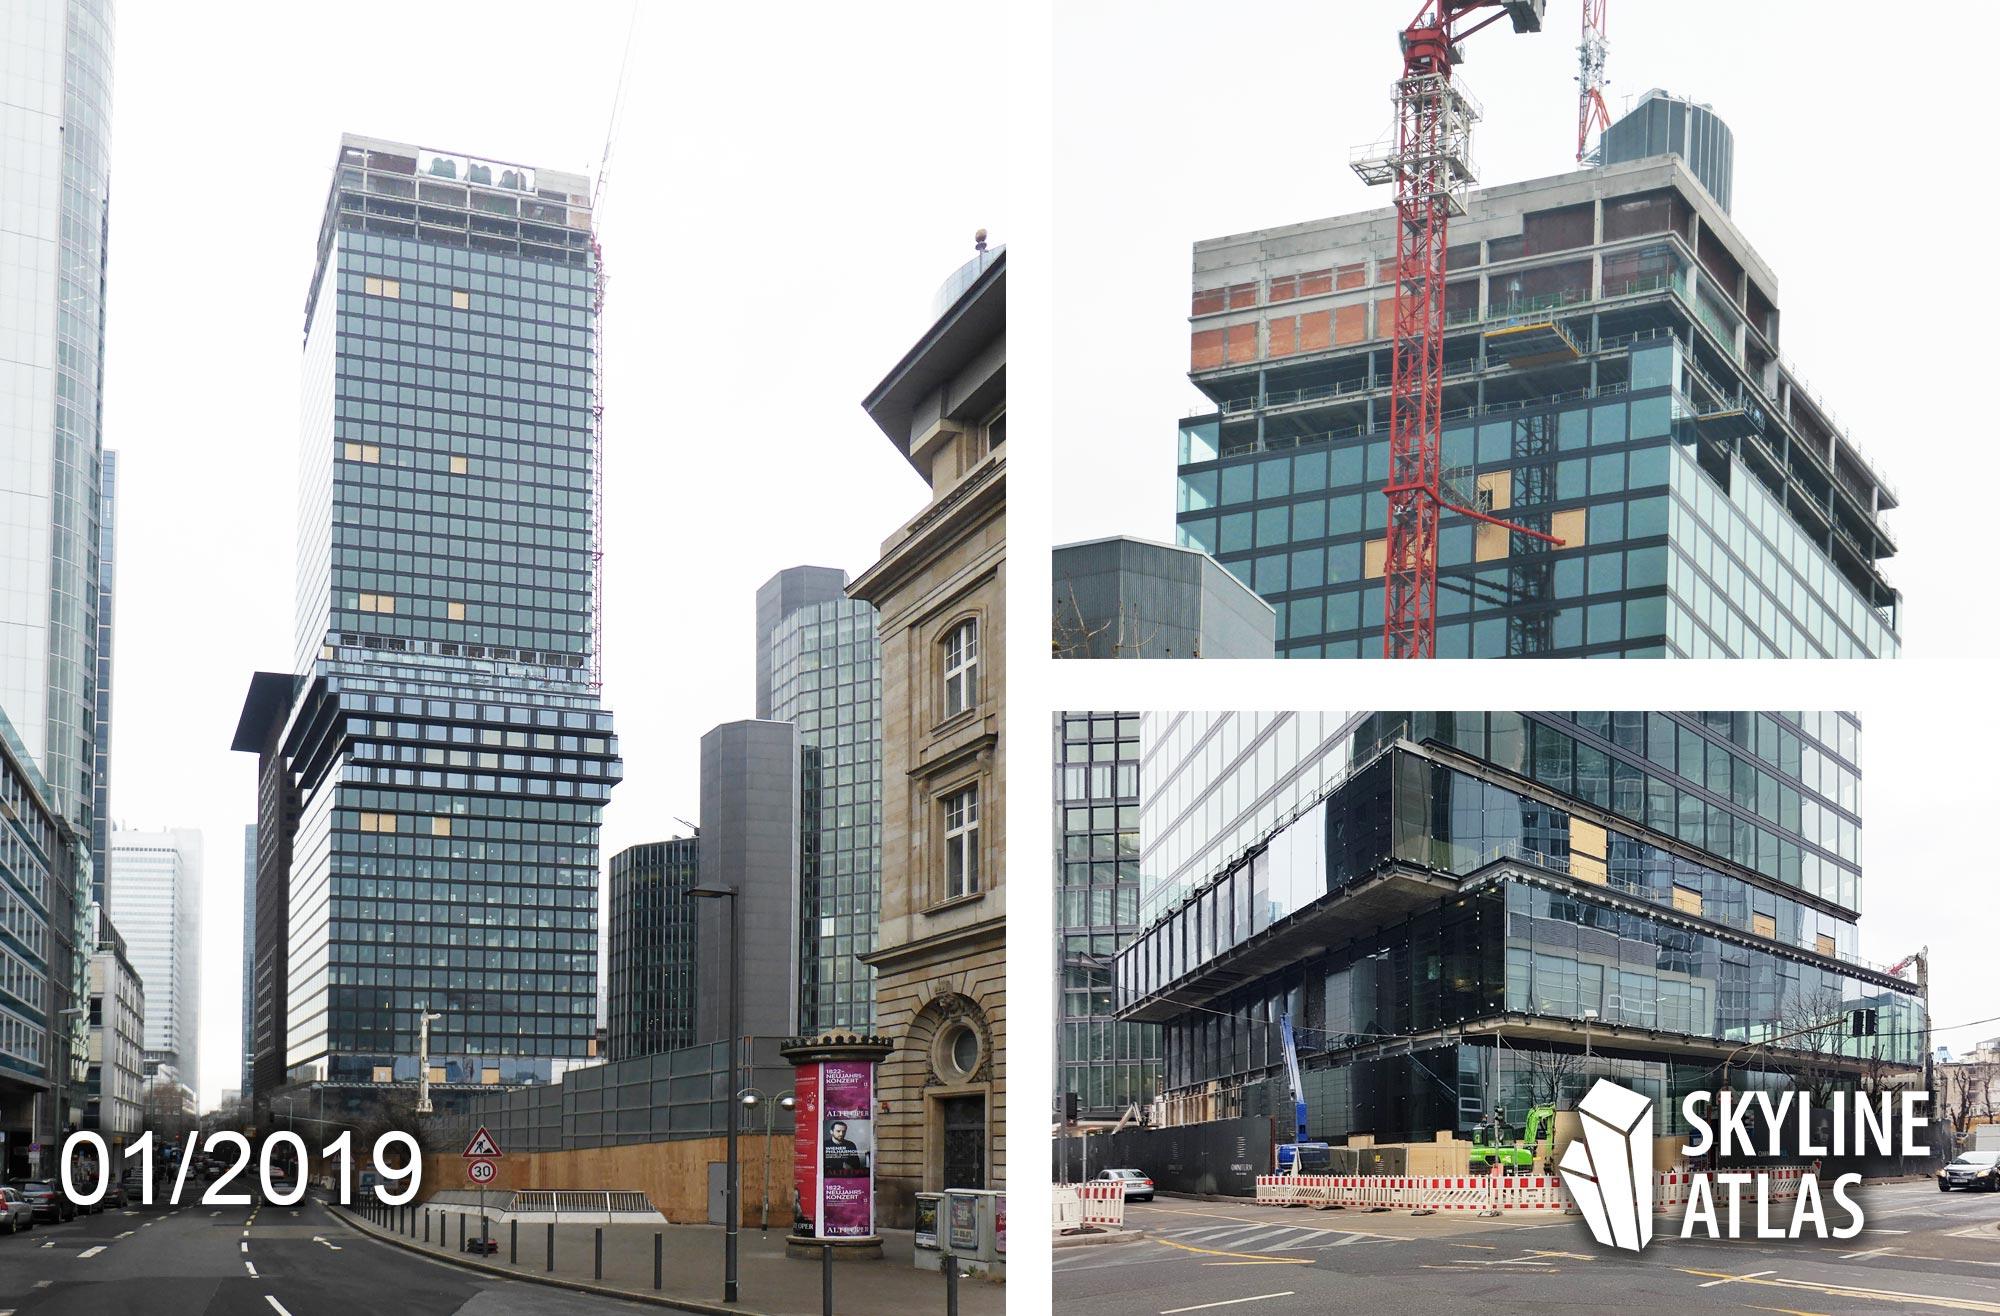 OmniTurm Frankfurt - CBD - Bankenviertel - Wolkenkratzer entworfen von BIG Bjarke Ingels Group - entwickelt vom Projektentwickler Tishman Speyer